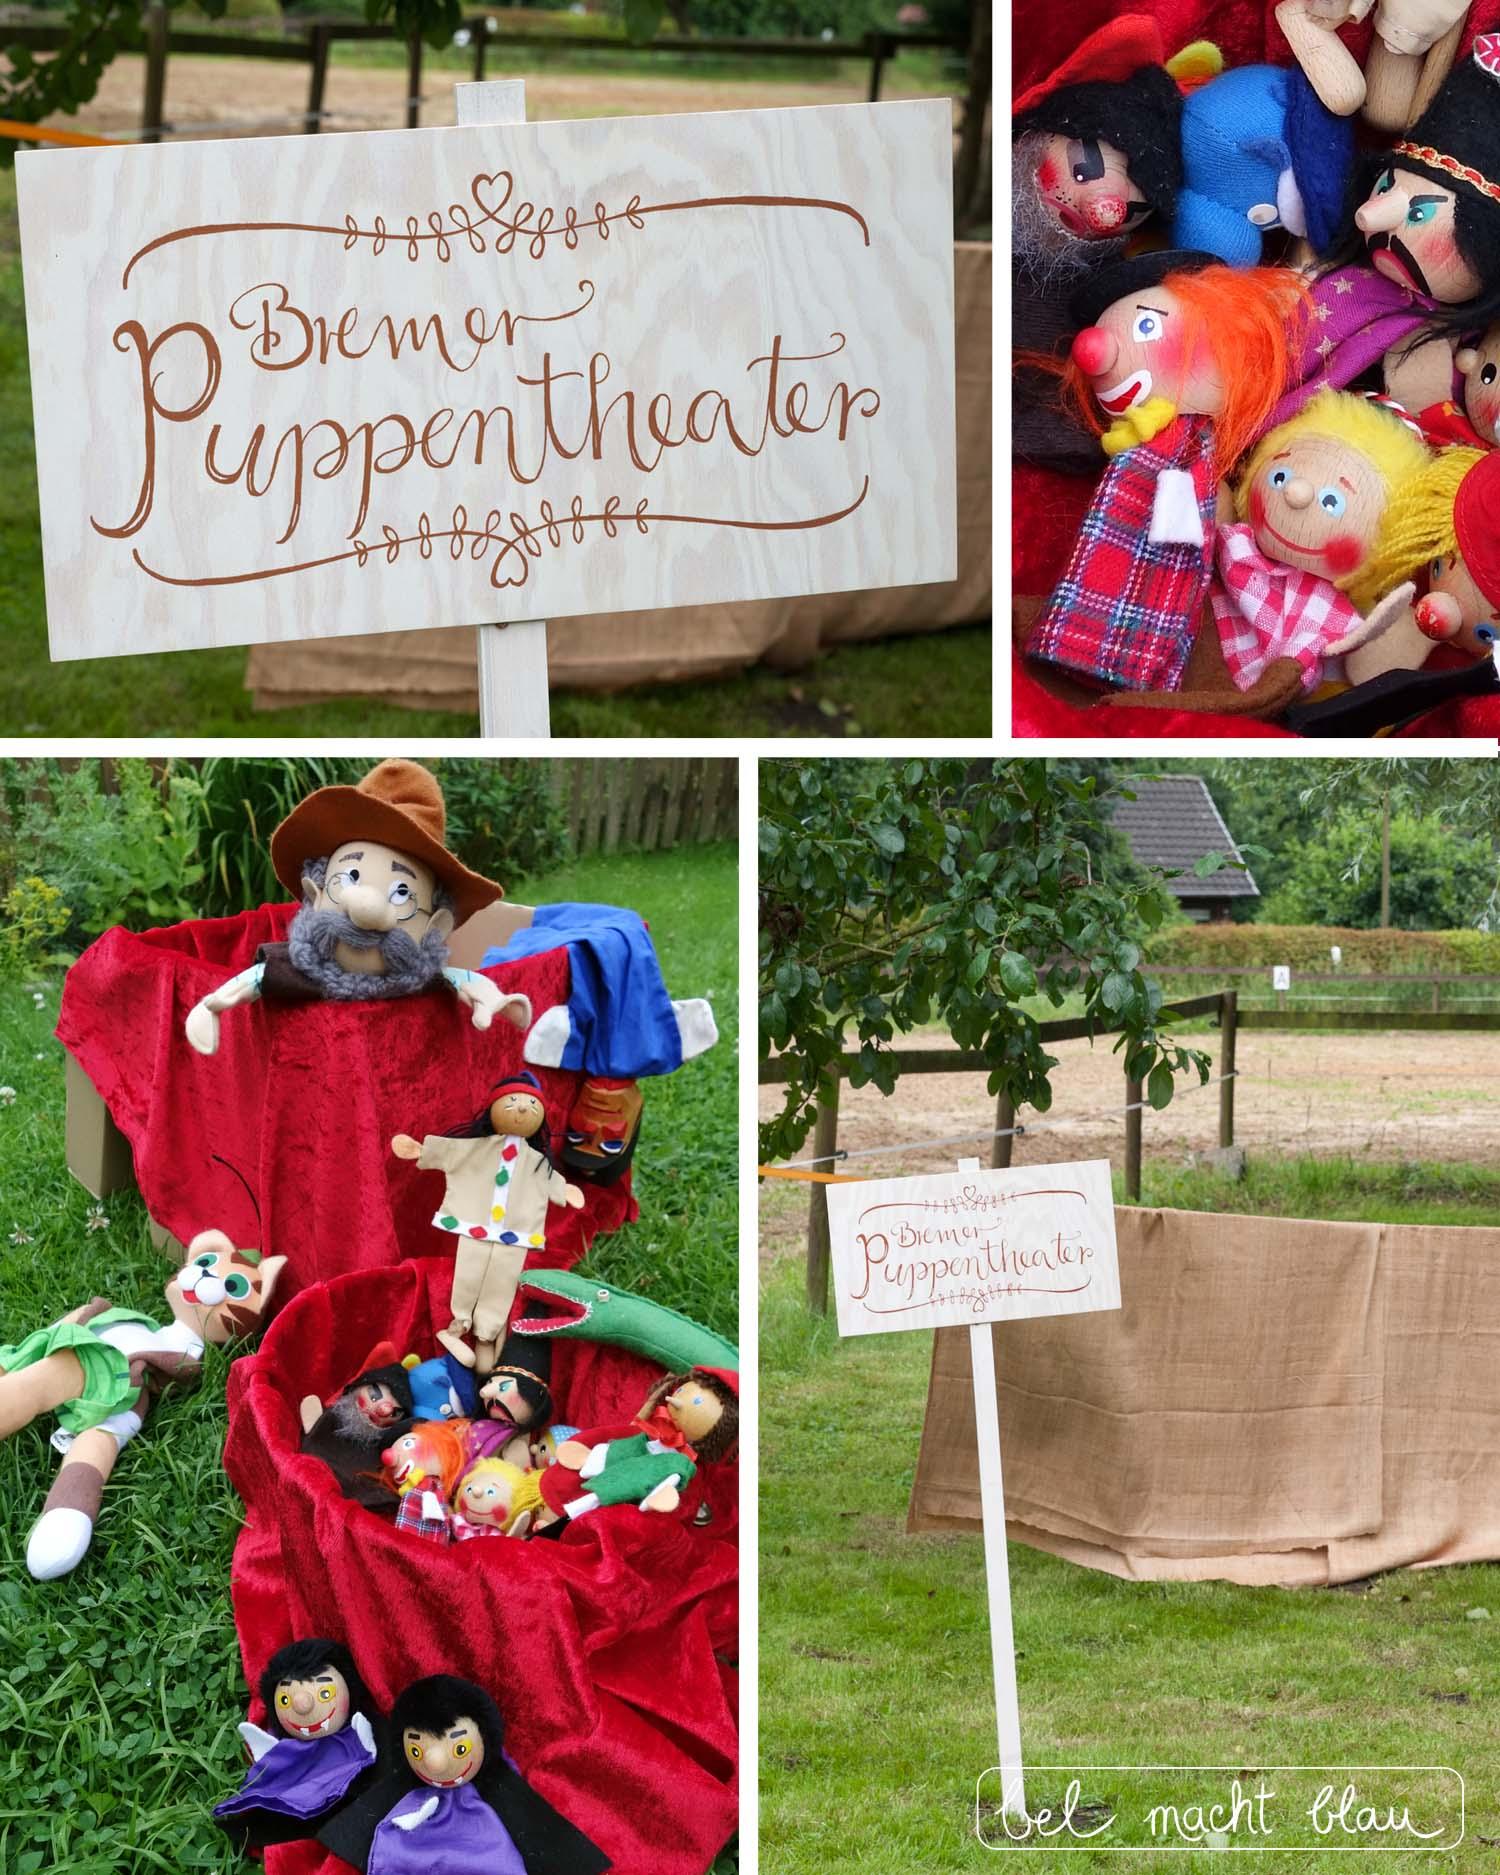 Hochzeit mit Kindern - die besten Beschäftigungsideen - Bremer Puppentheater - Fingerpuppen, Handpuppen